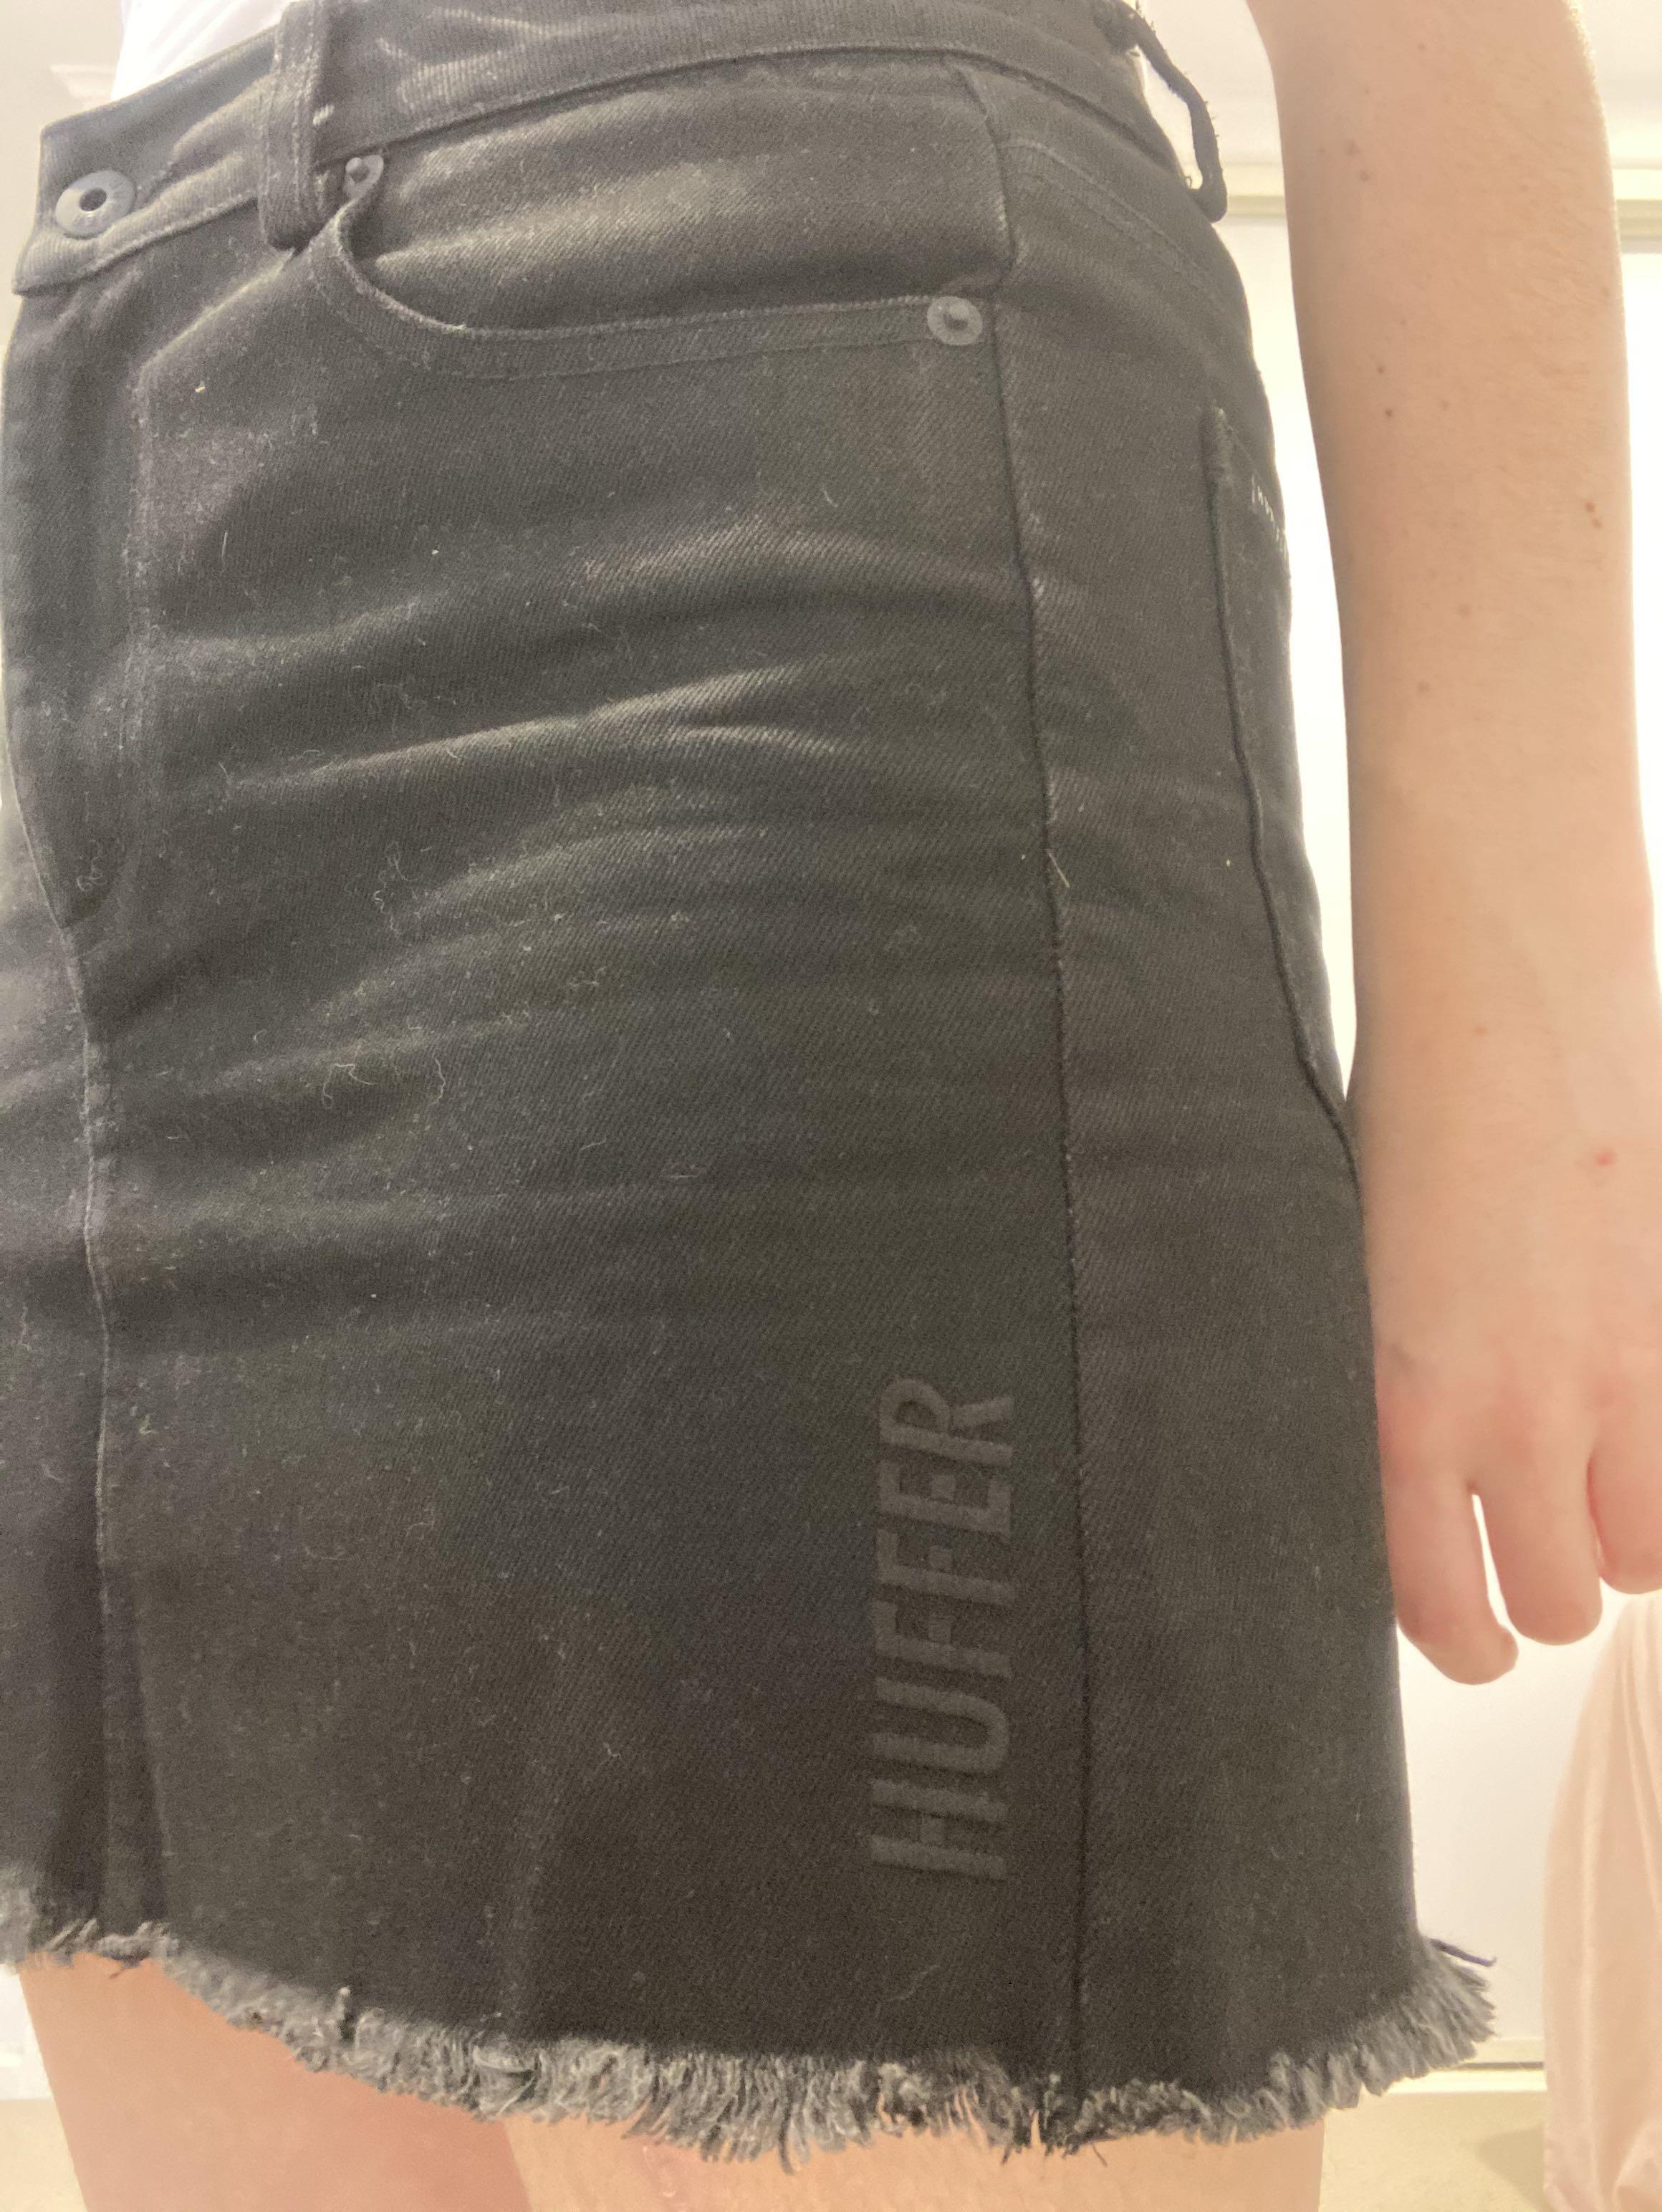 Huffer denim skirt - black